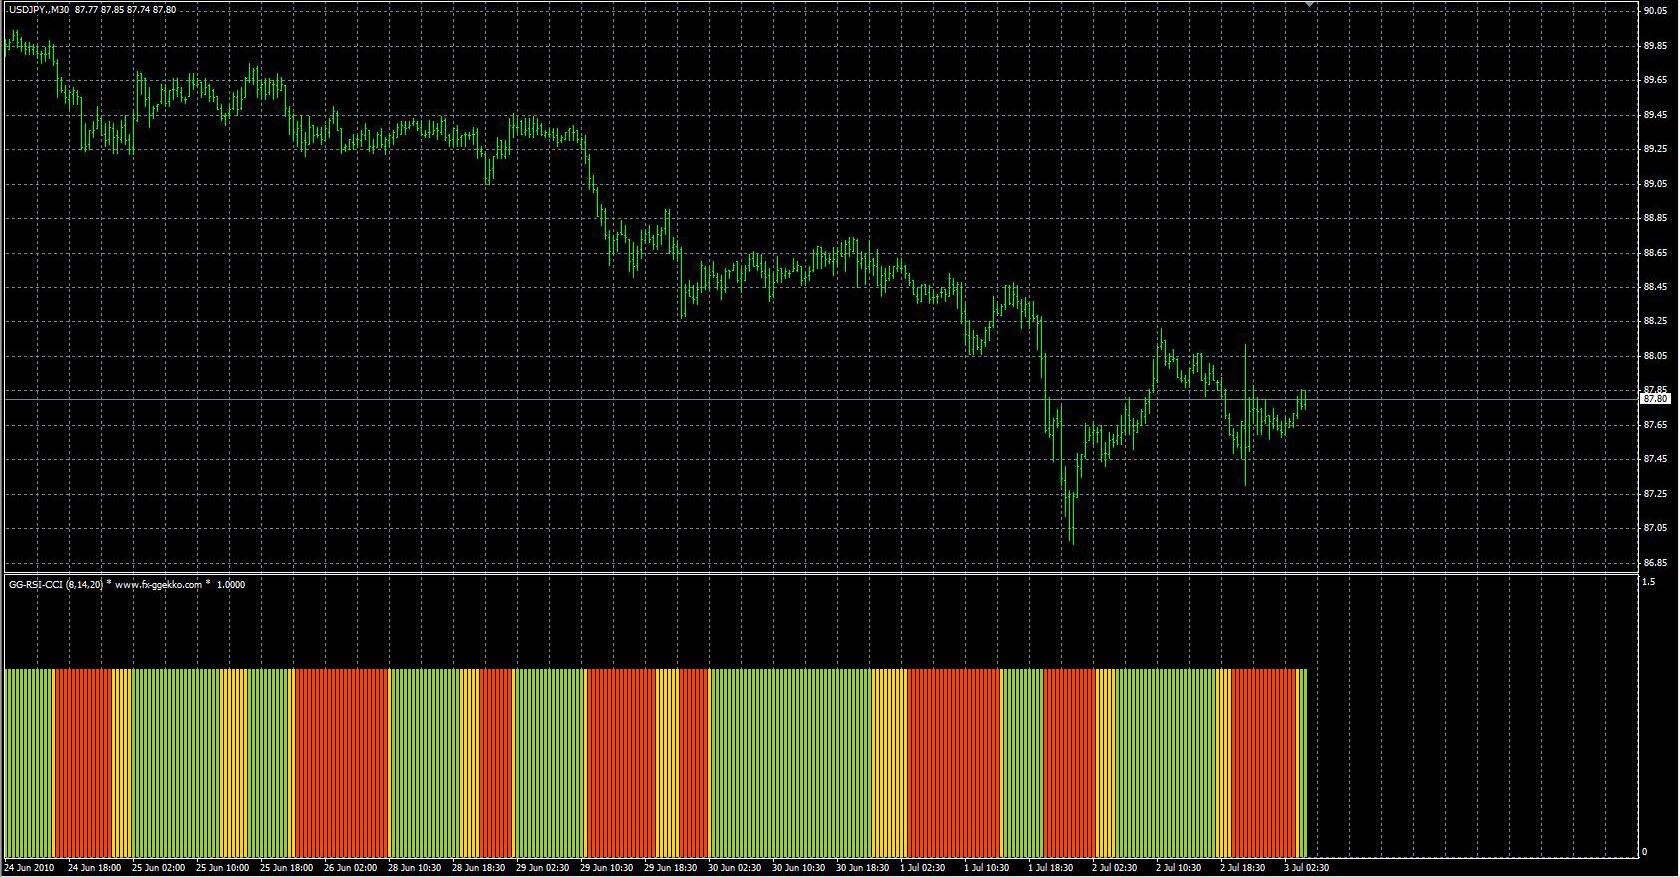 Cel mai precis indicator predictor pentru opțiuni binare. Indicatori săgeți pentru opțiuni binare